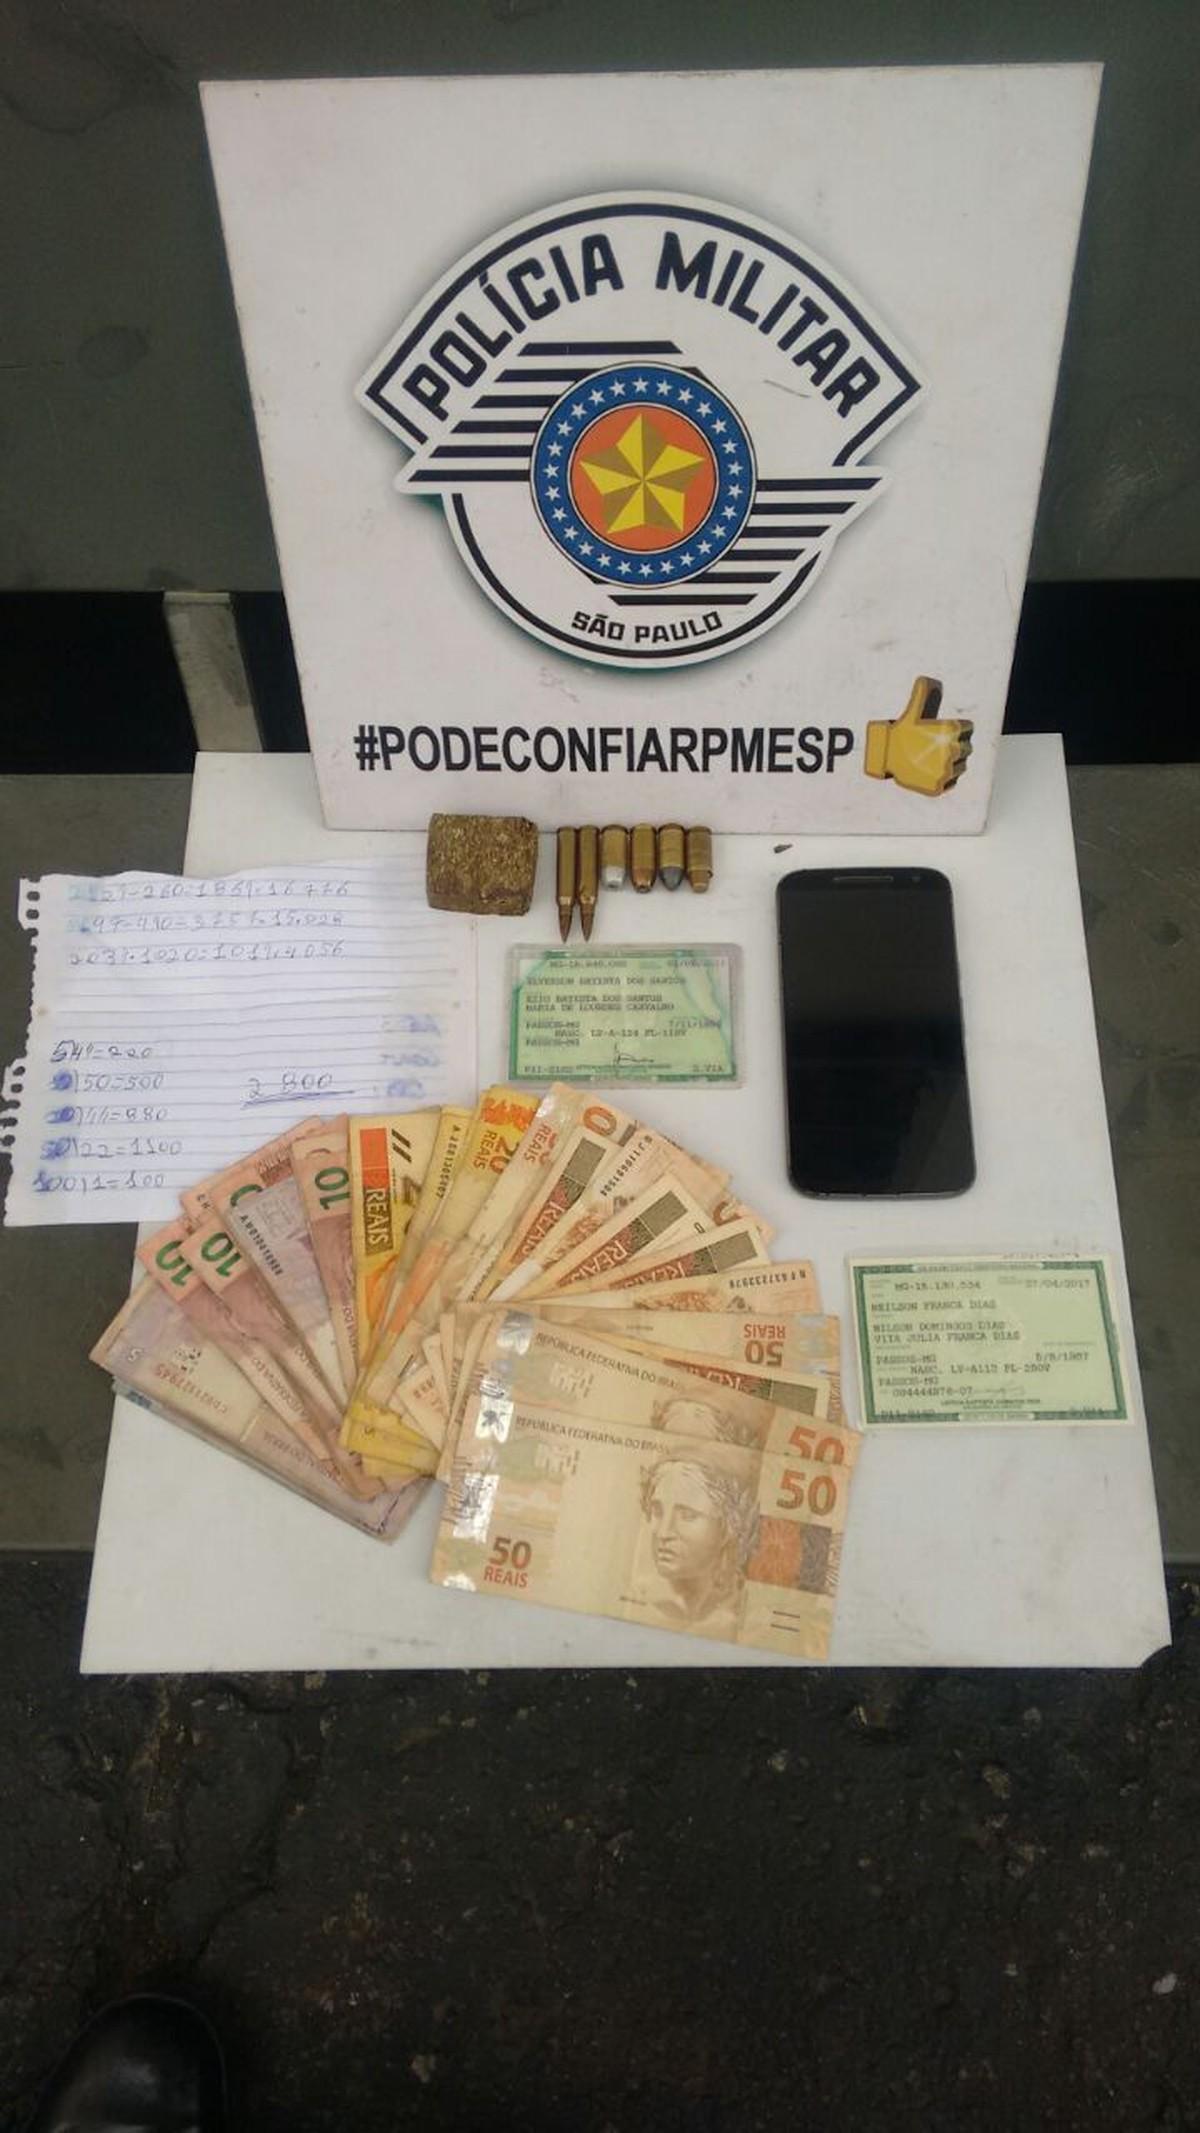 PM apreende droga, munição, R$ 995 e anotações do tráfico em área invadida de Suzano